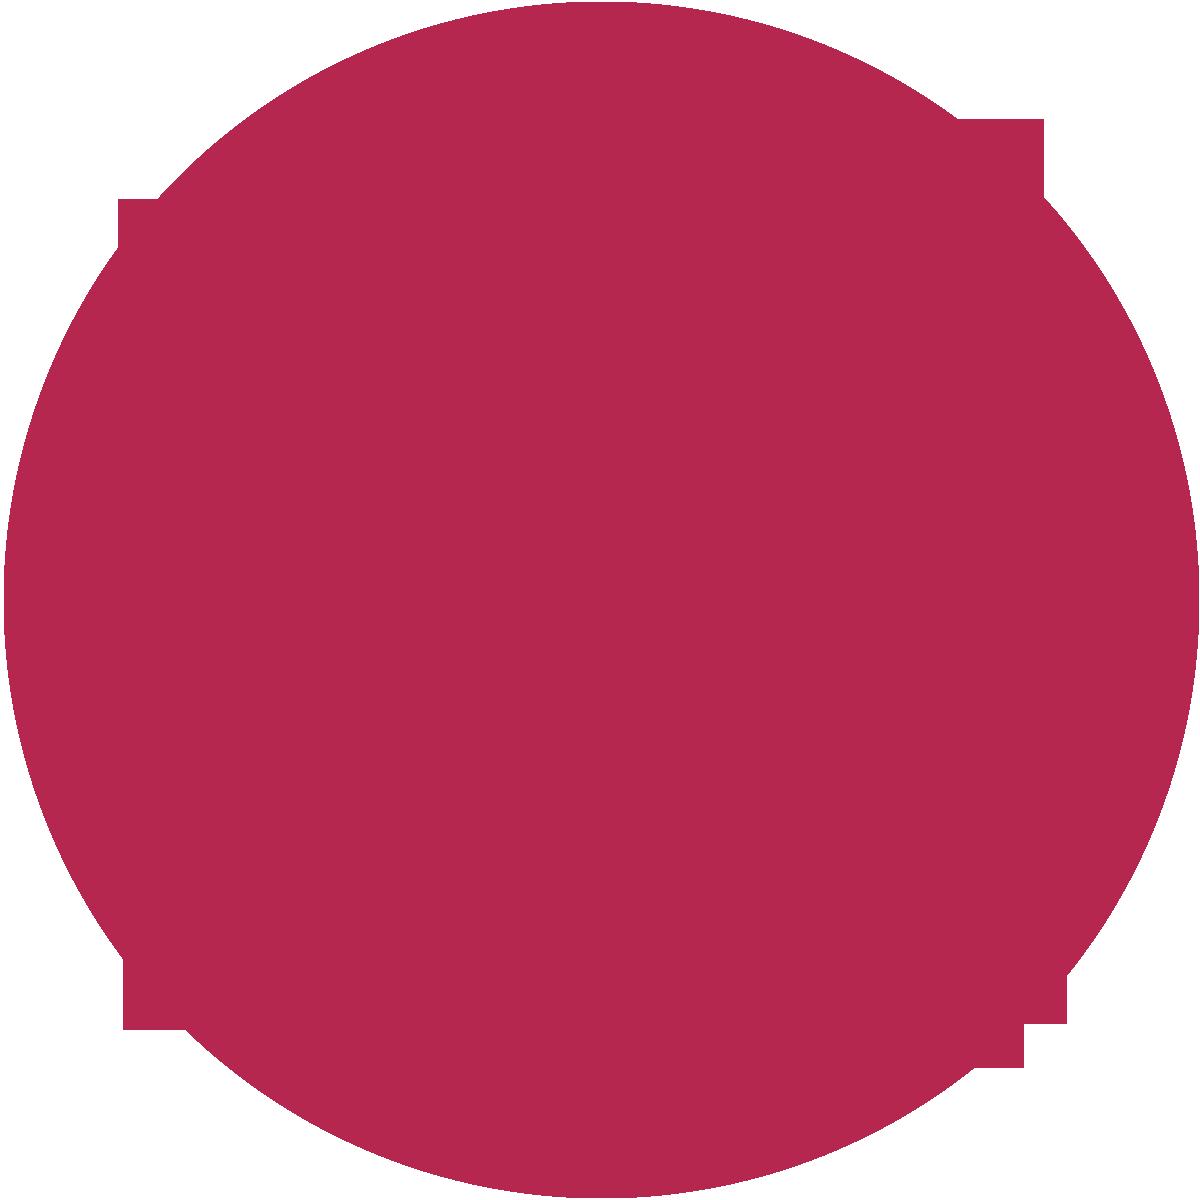 Aerztehaus-Logos-Web-RUND-9